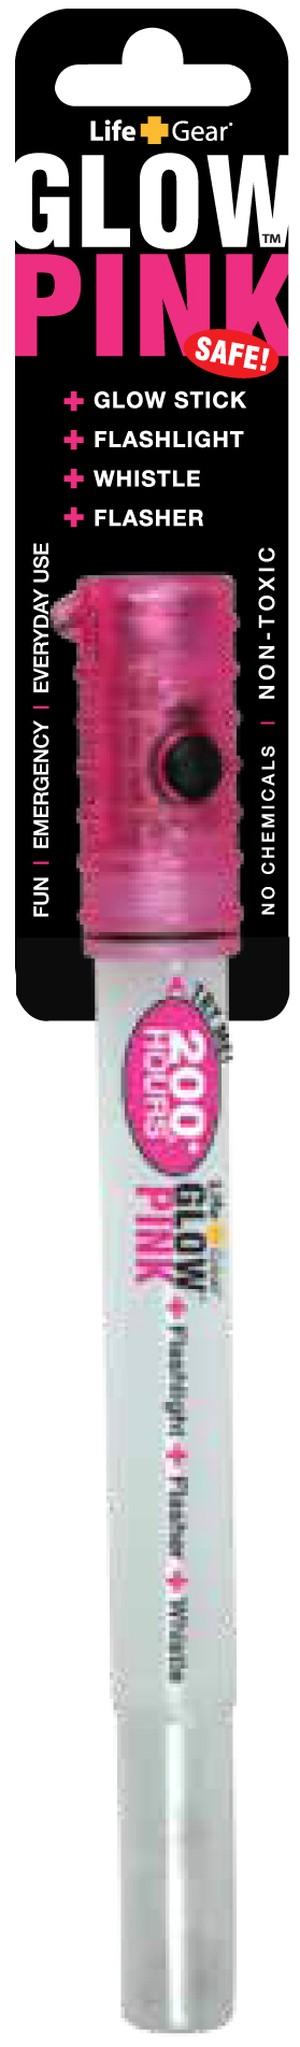 LEDグロースティックライト ピンク LifeGear ライフギア